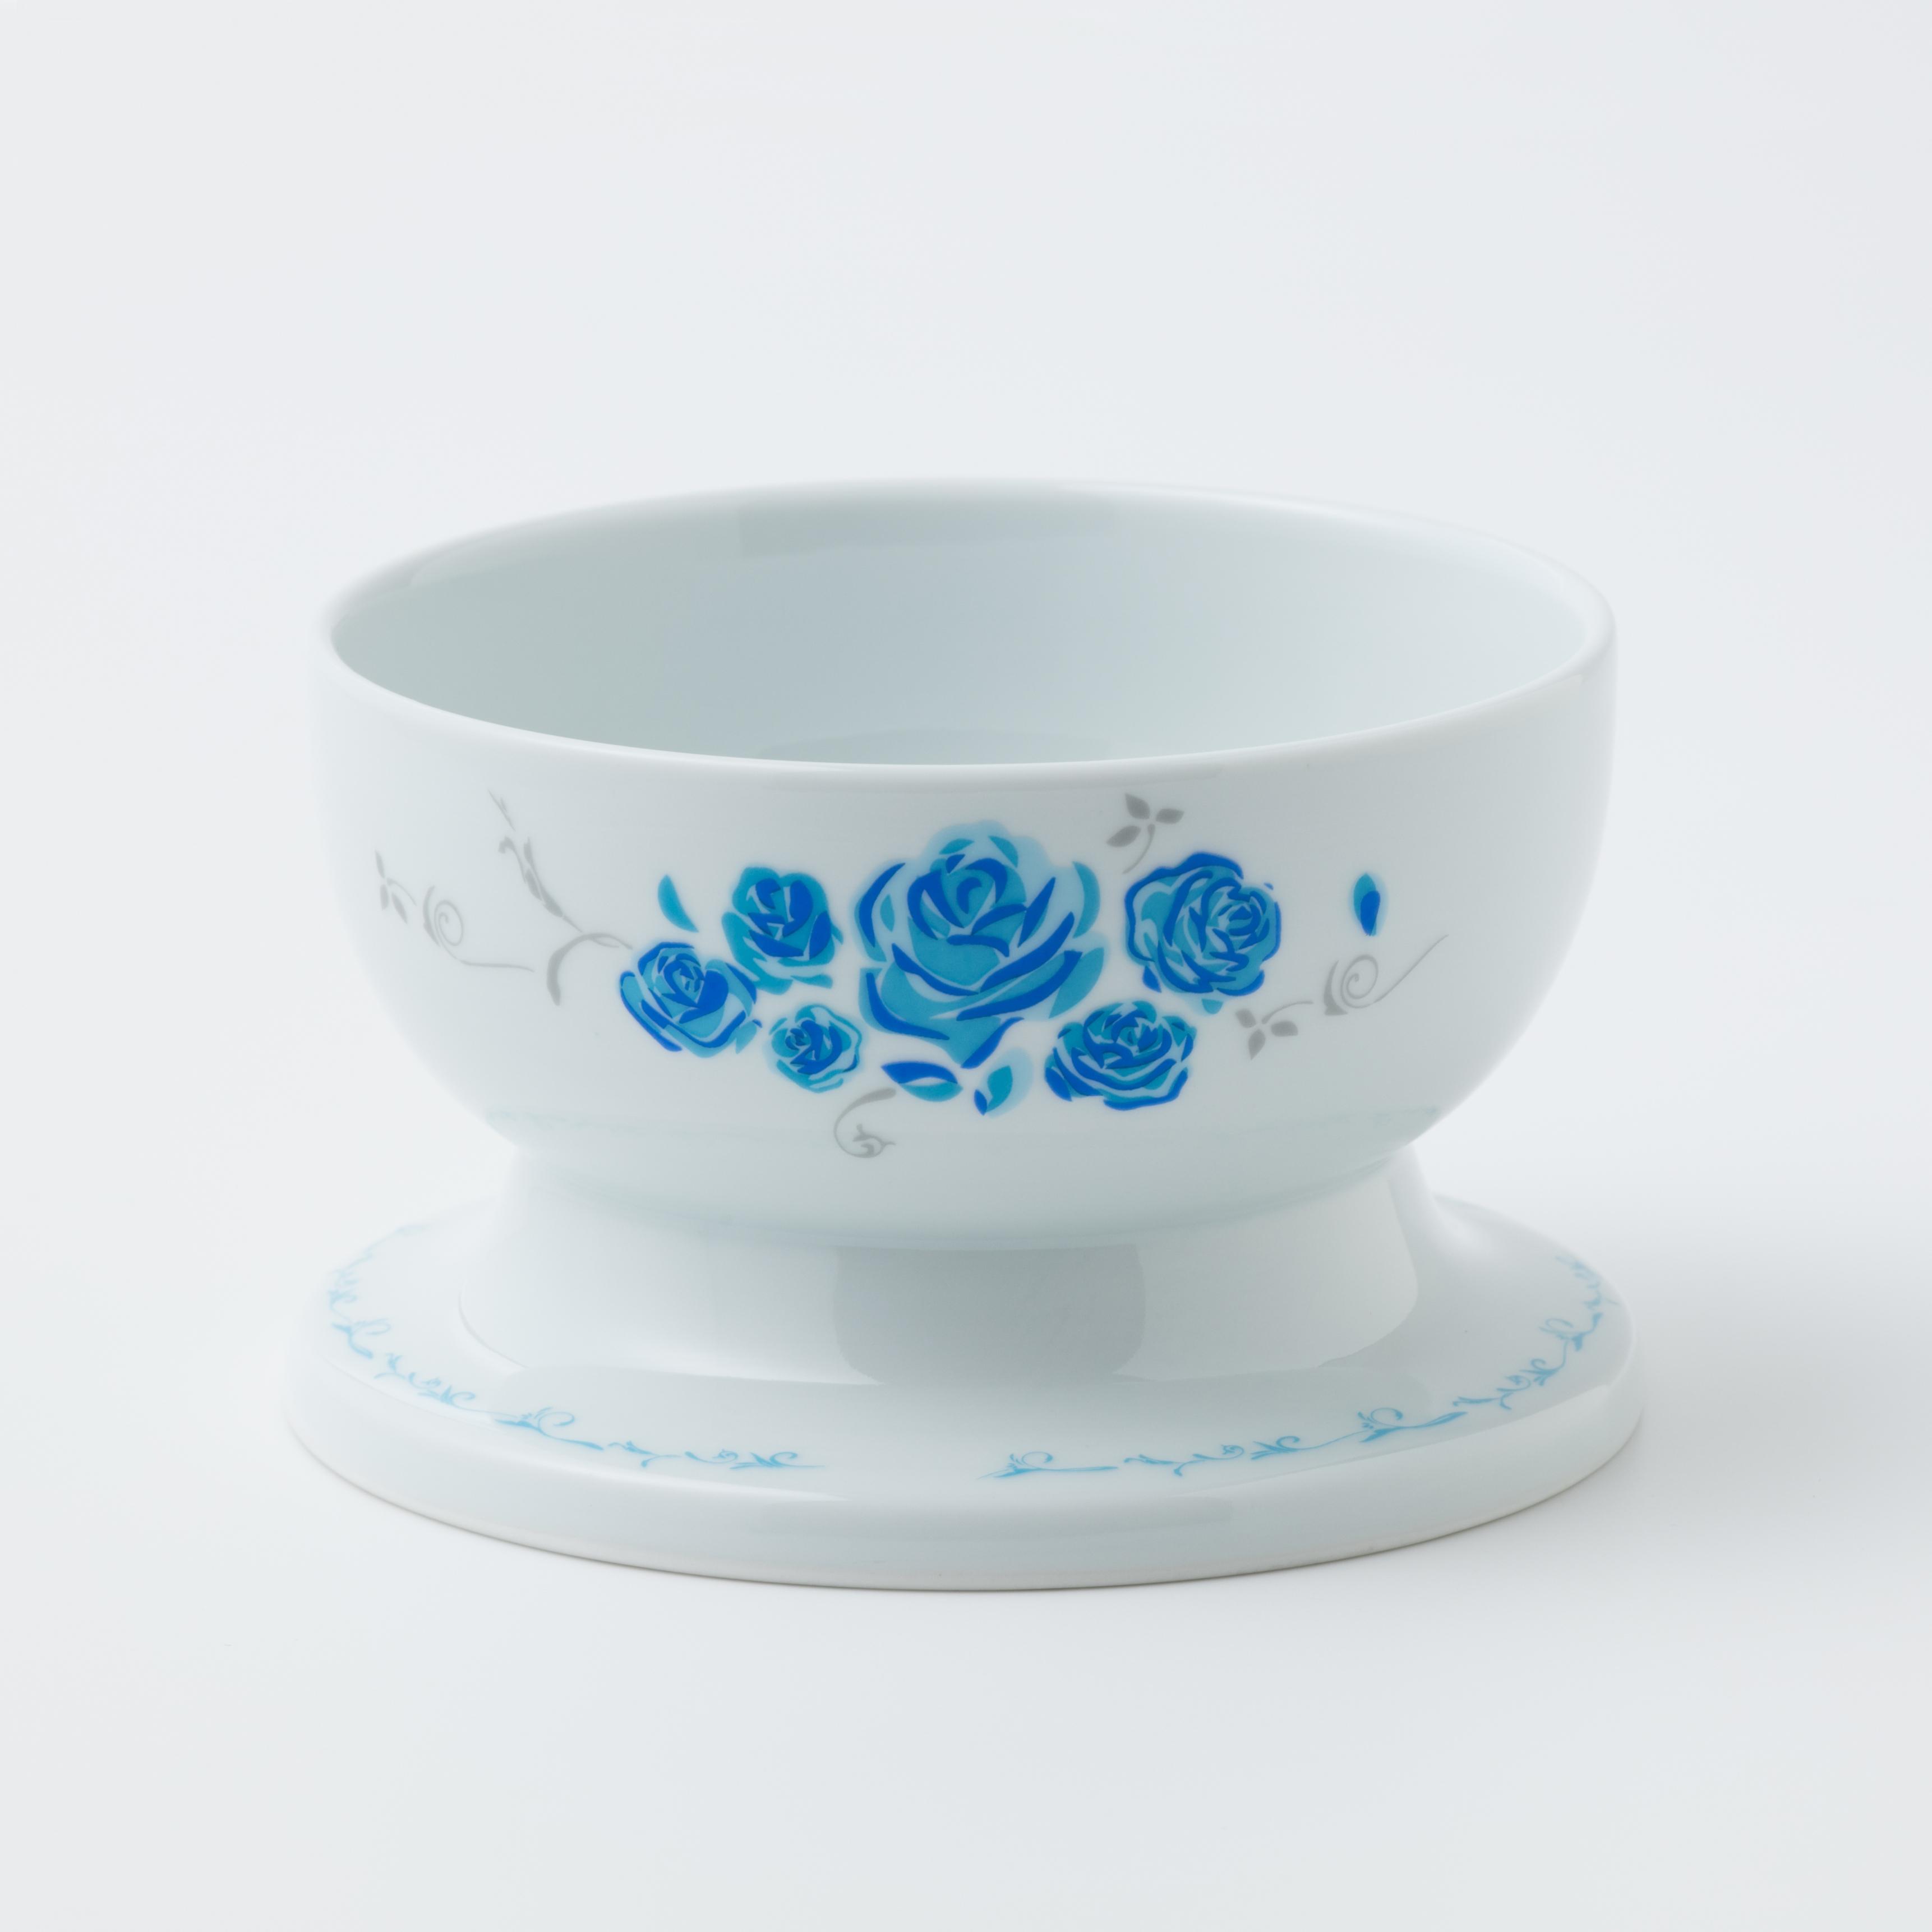 有田焼【エンジェル】 ロータイプ ローズブルー 製造:江口製陶所